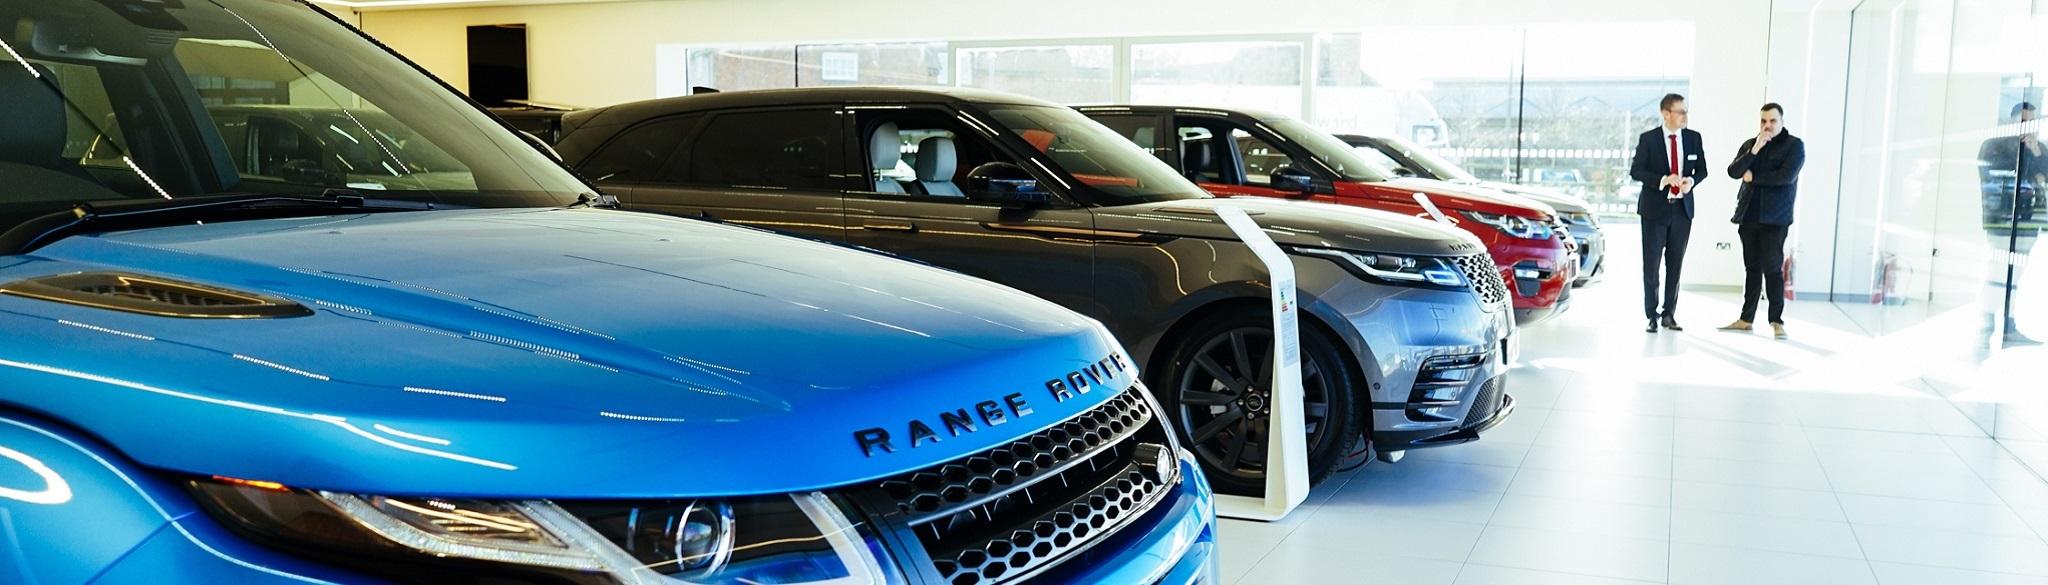 Dick Lovett Land Rover Sales